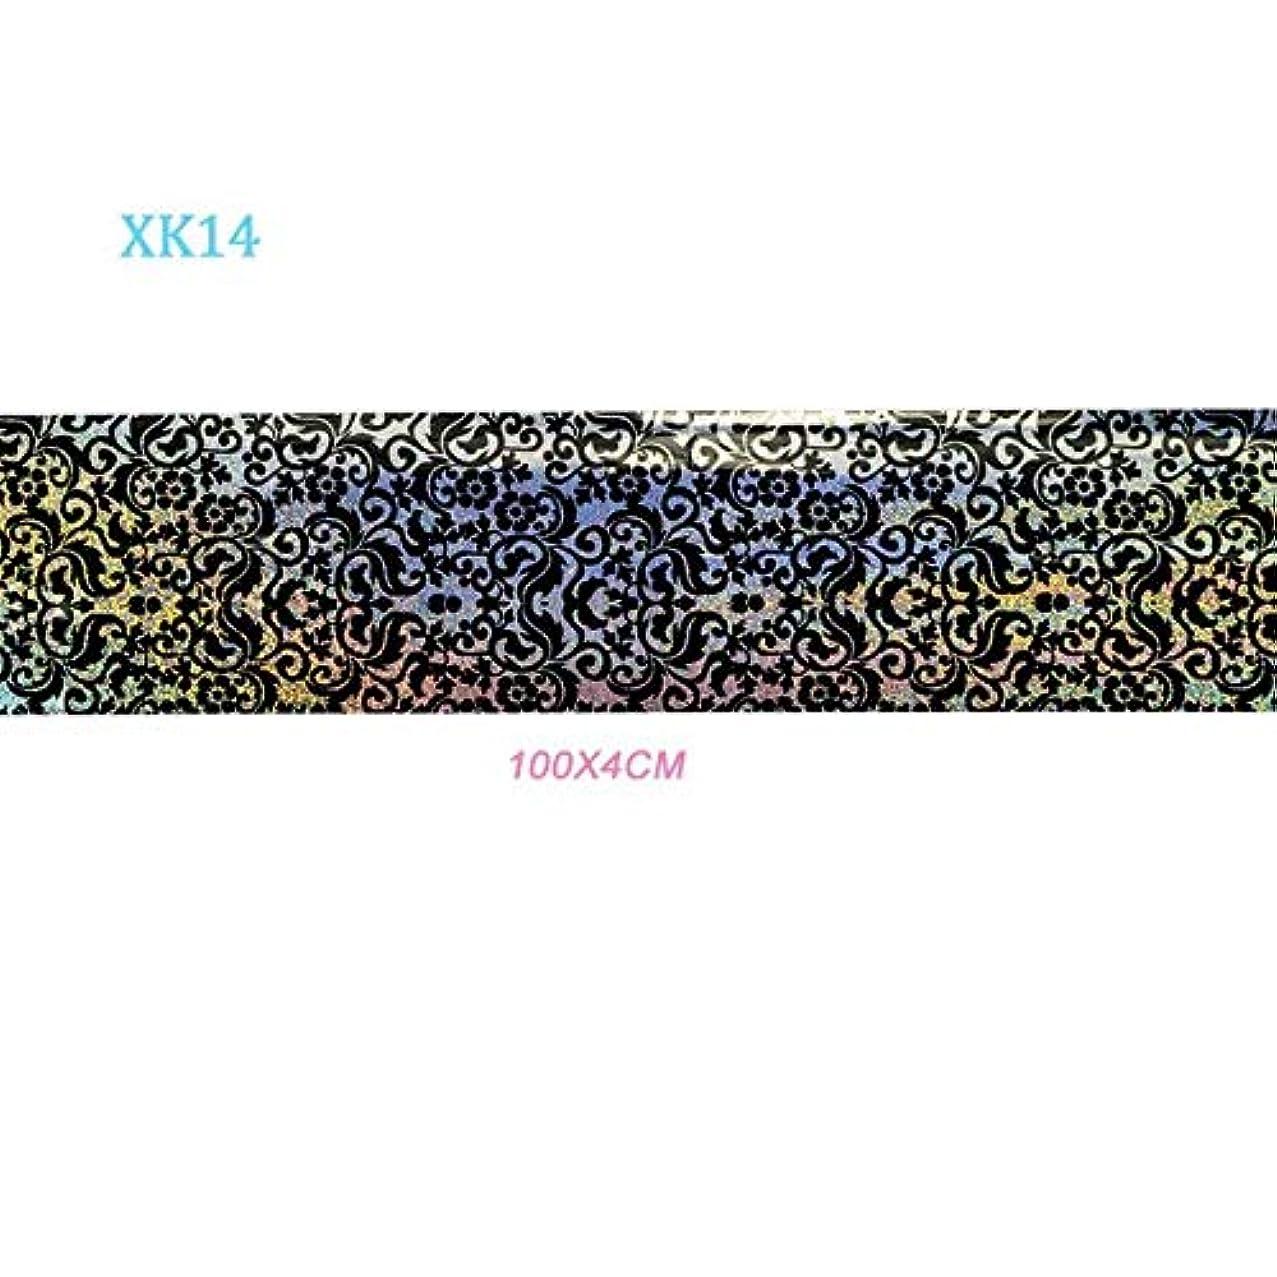 静かなブーム生物学SUKTI&XIAO ネイルステッカー 1ピース100×4センチメートル黒レース花ネイルアート転送箔ステッカーデカール接着剤マニキュア装飾Diyのヒントツール